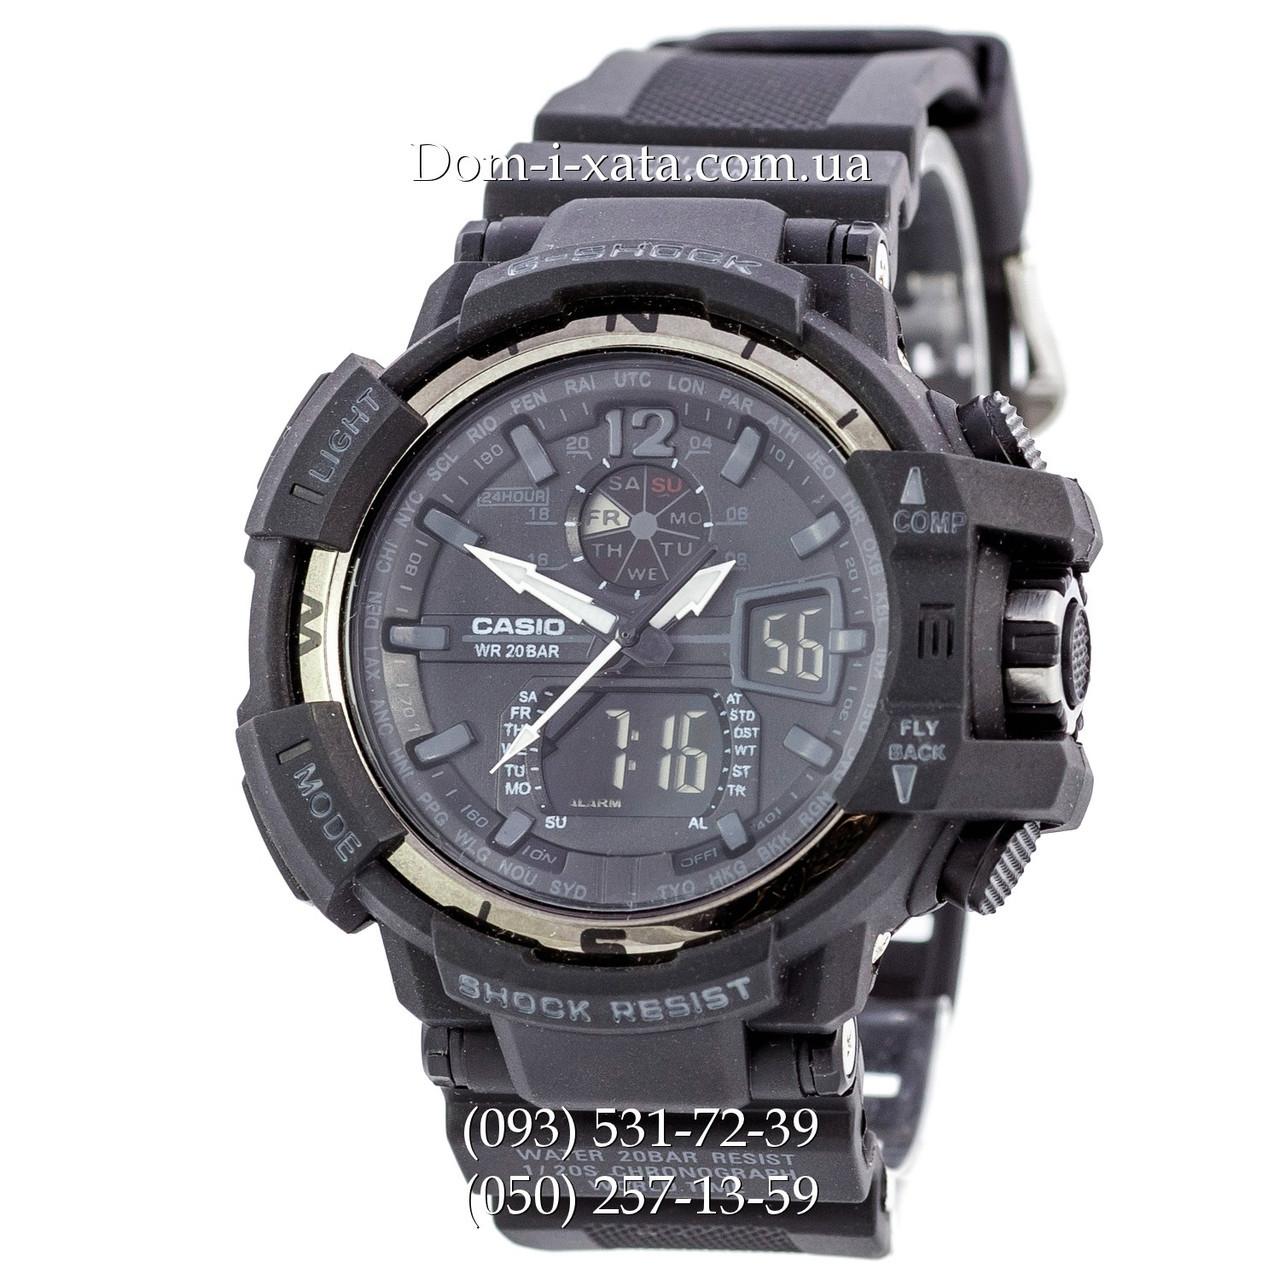 Электронные часы Casio G-Shock GW A1100 Black Silver, спортивные часы Джи Шок(черные), реплика отличное качество!